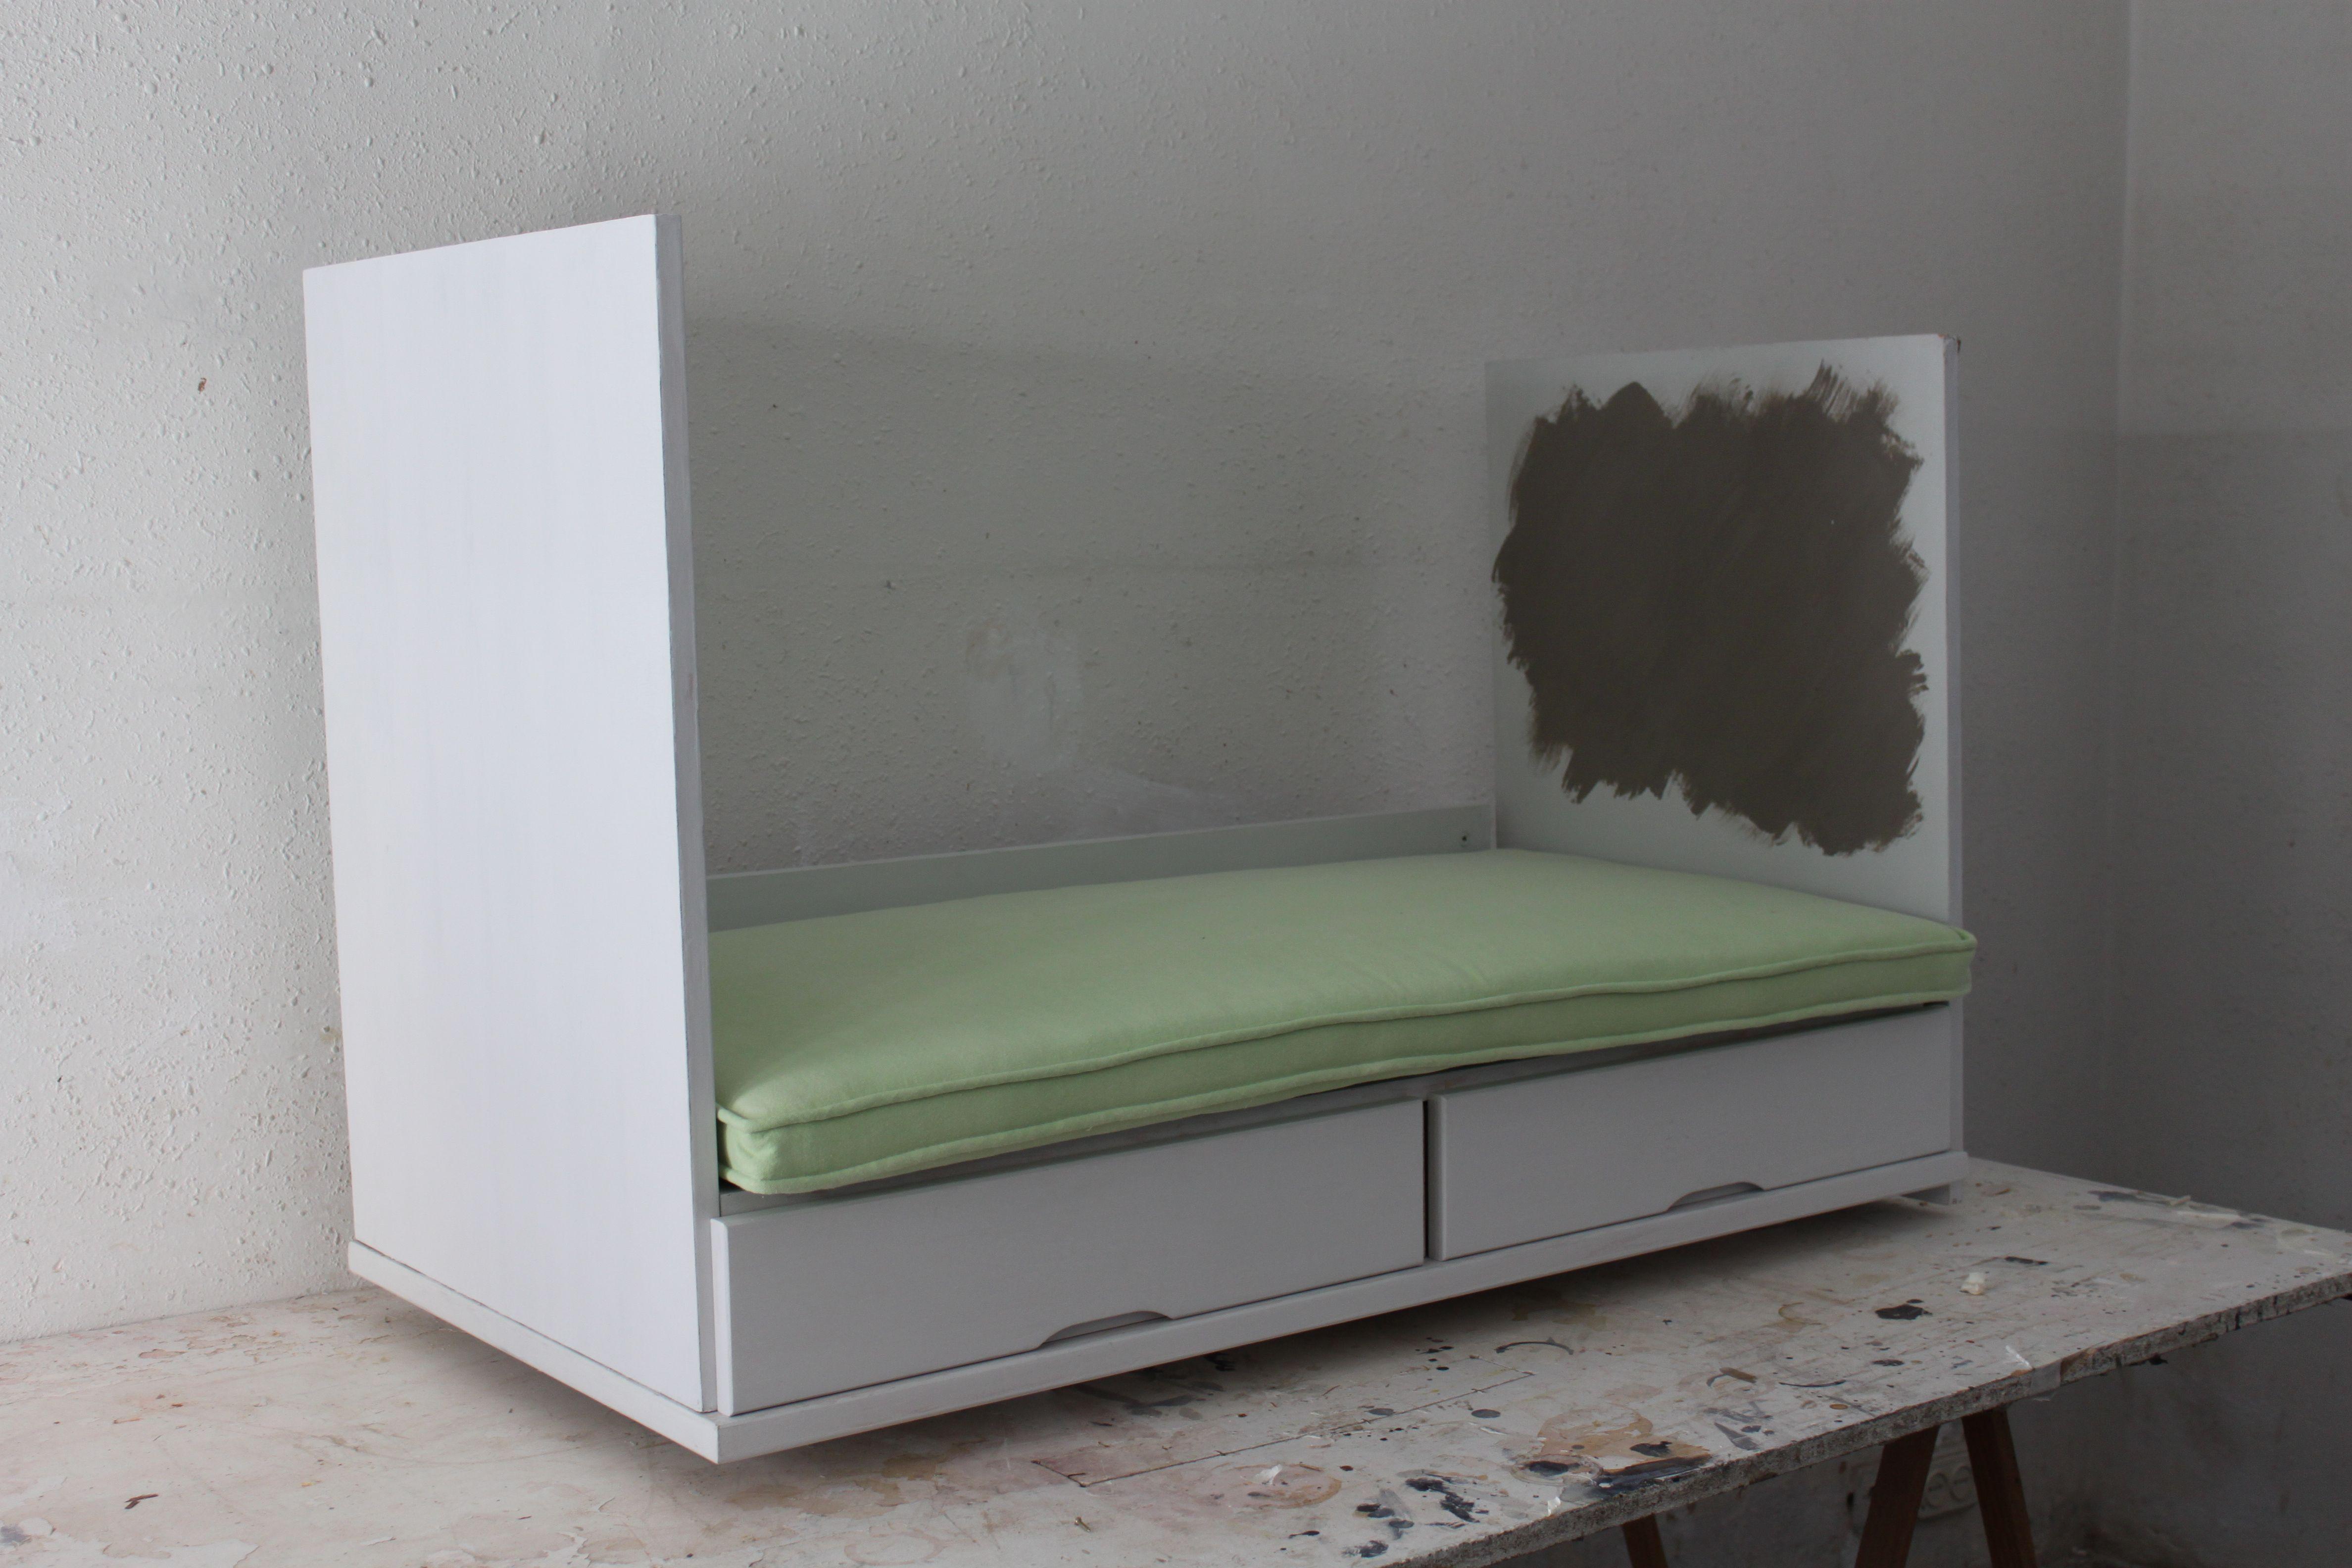 Proyecto de transformación: De mesa de despacho a mueble versátil ...